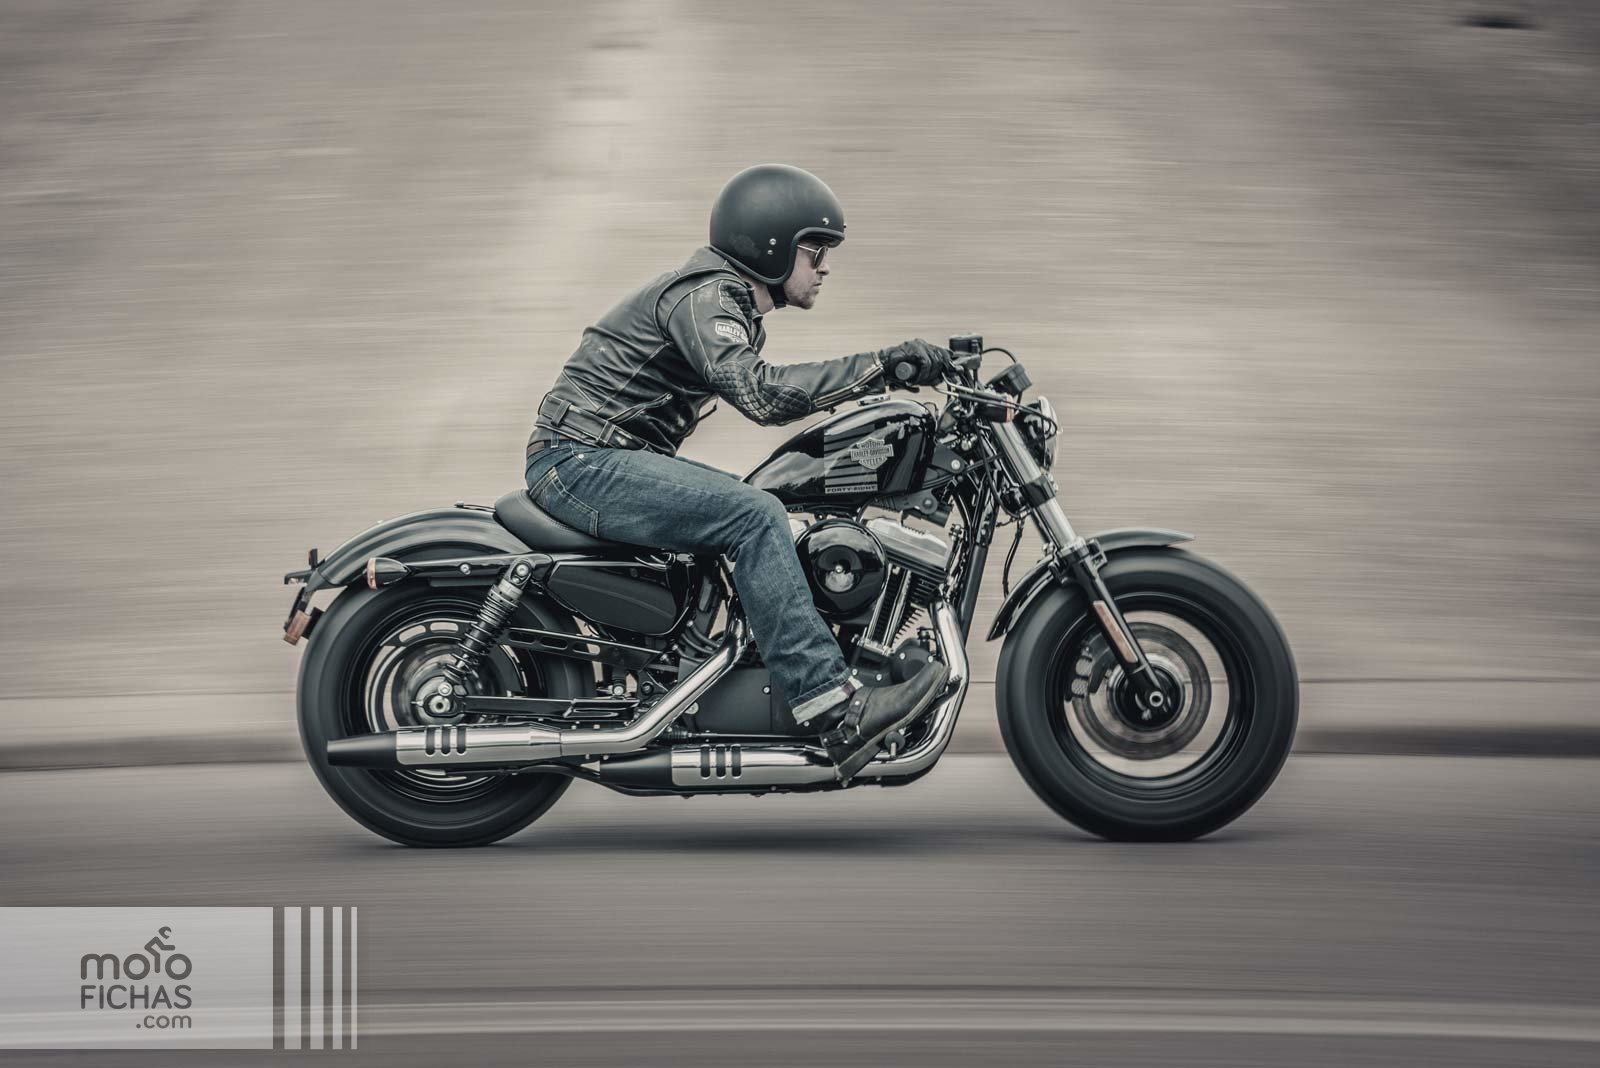 Fotos Harley Davidson Sportster Forty Eight 1200 2016 Galera Y 05 Acc Medium